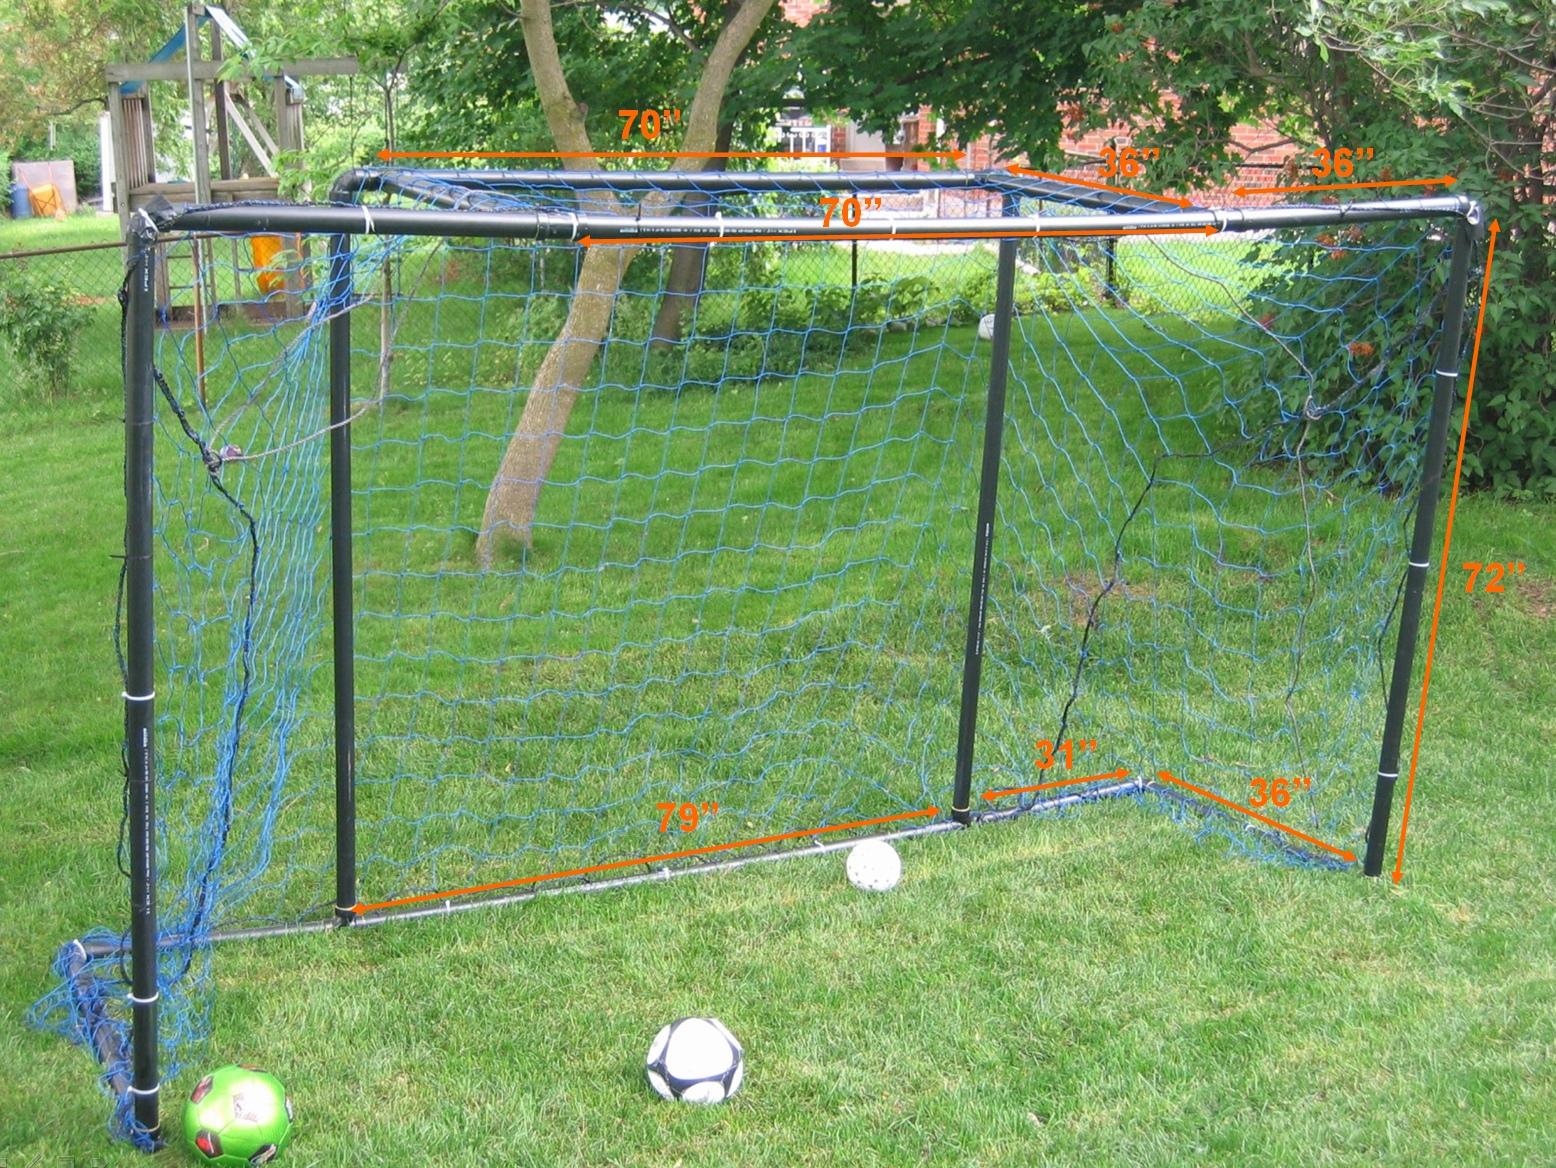 homemade soccer goal pvc pipe homemade ftempo